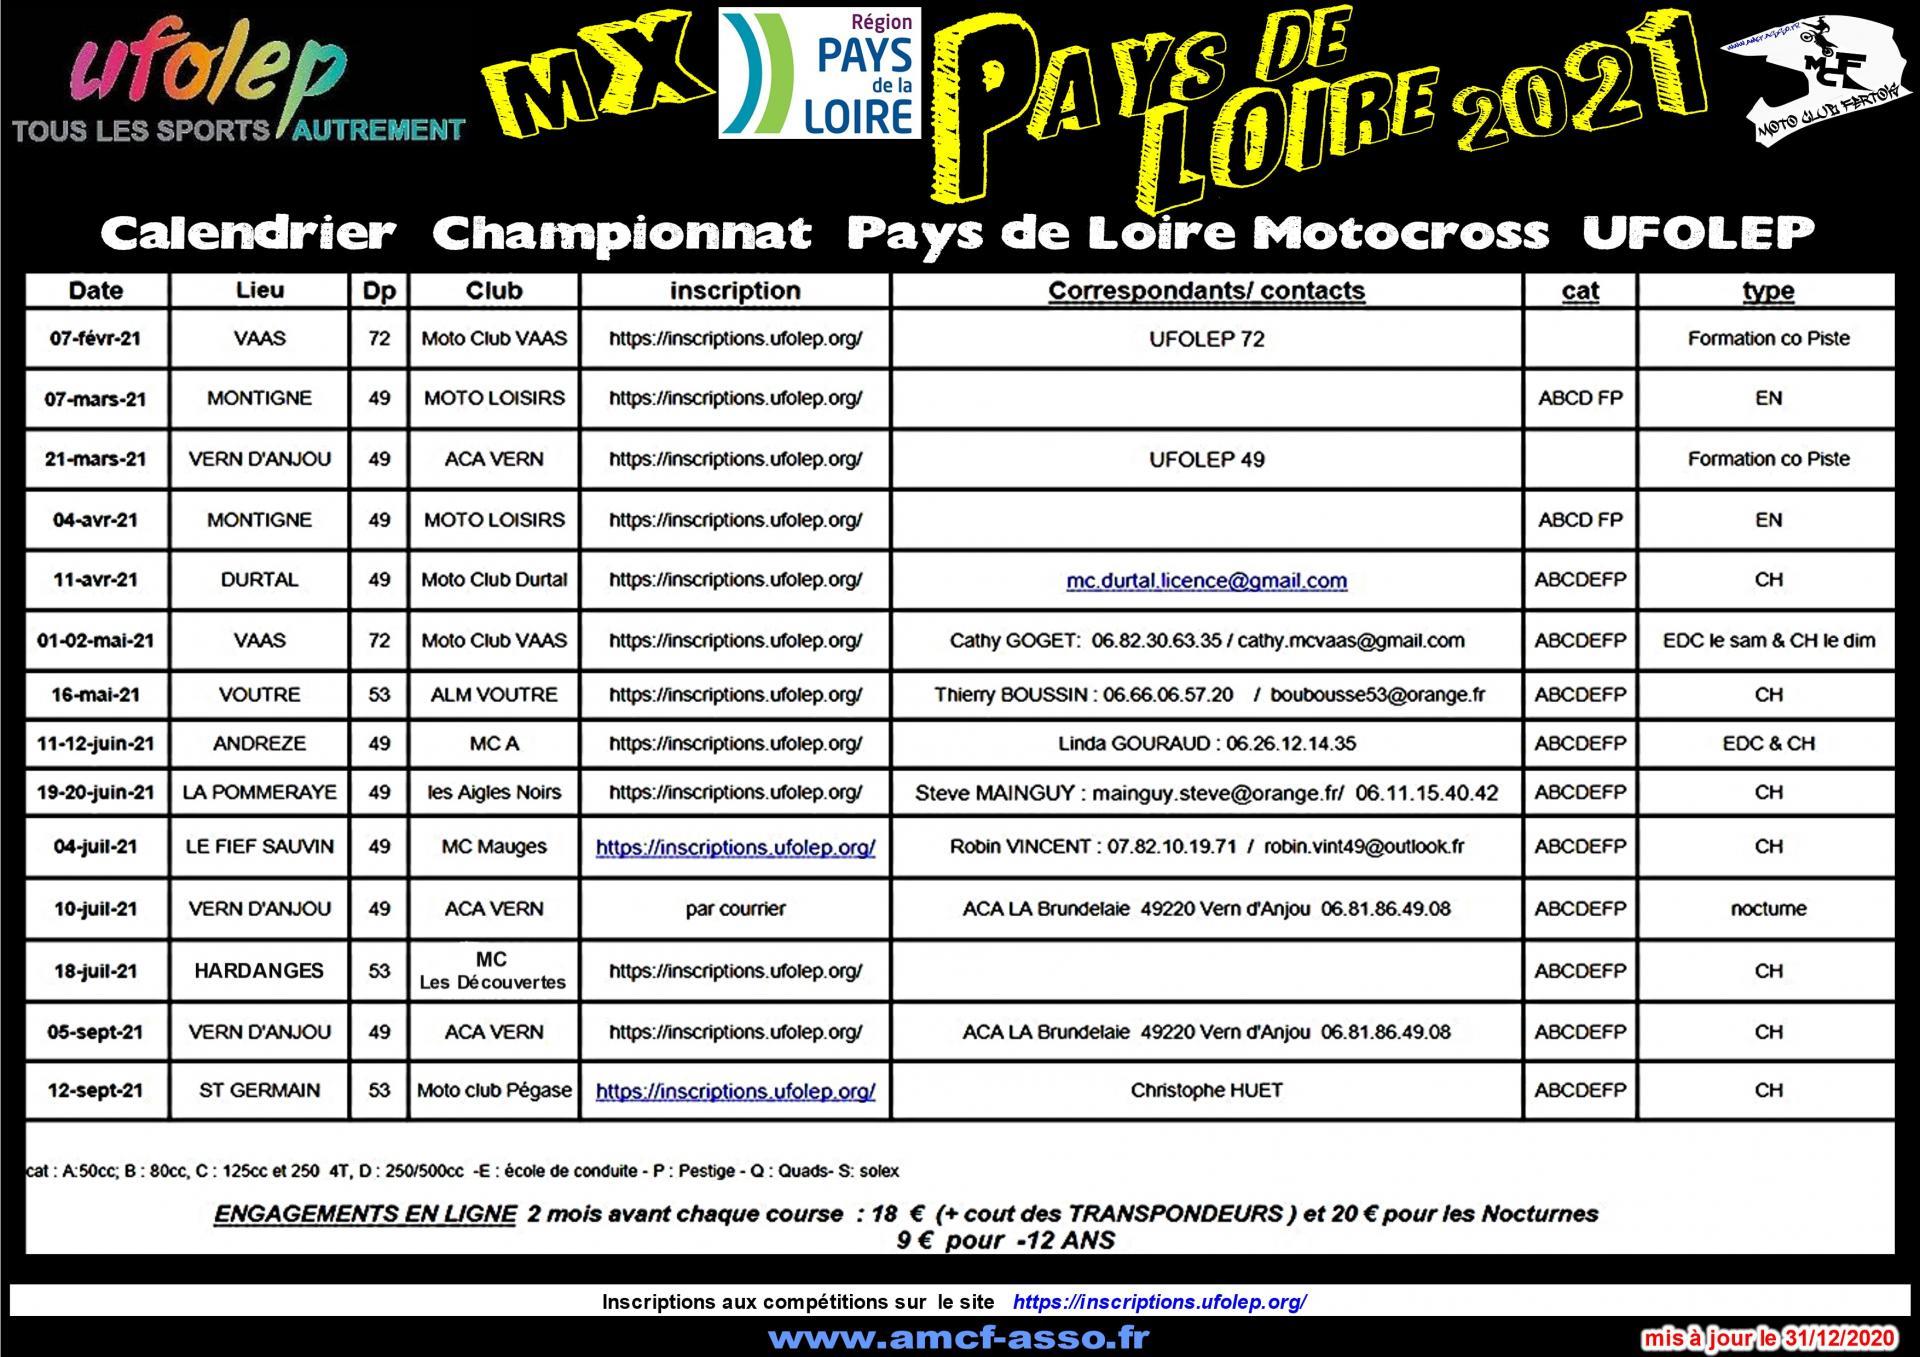 Calendrier Ufolep 2022 Calendrier Motocross Ufolep 2021 NORMANDIE,PAYS DE LOIRE,